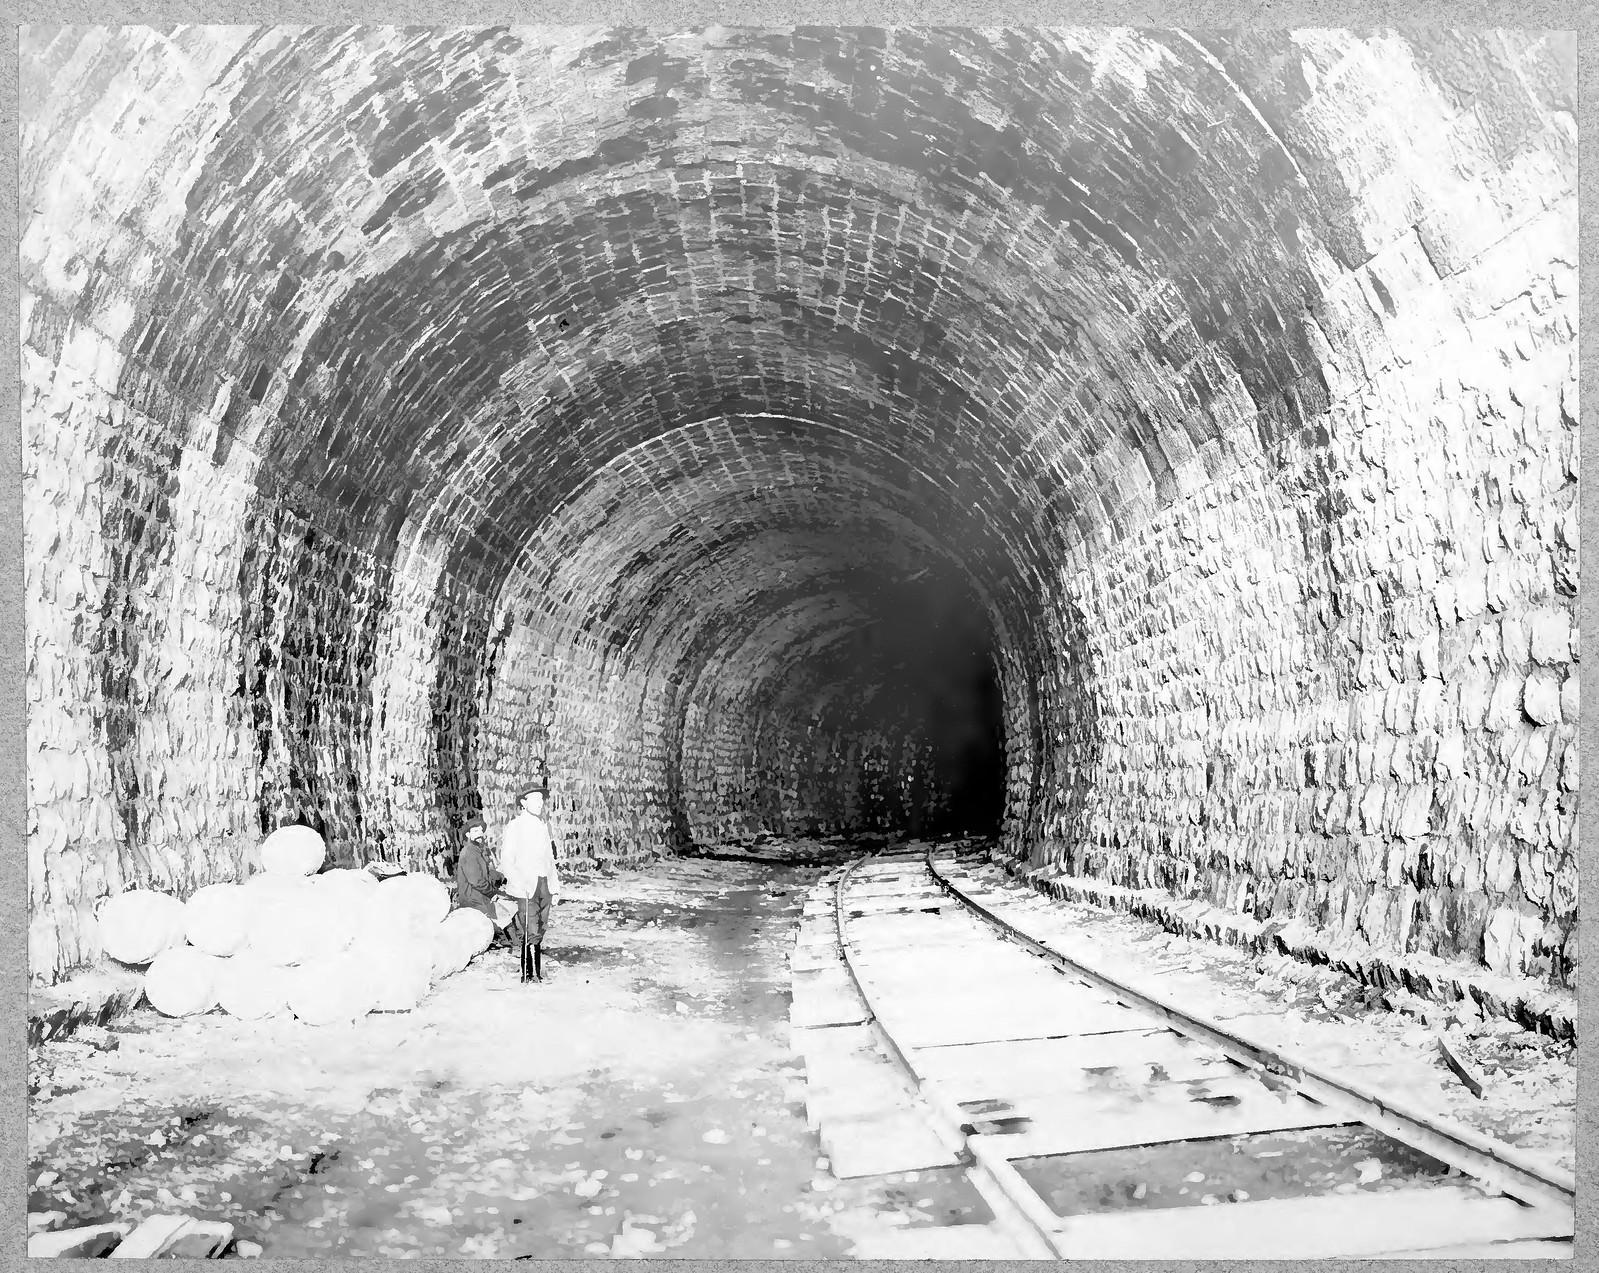 17. Внутренний вид тоннеля